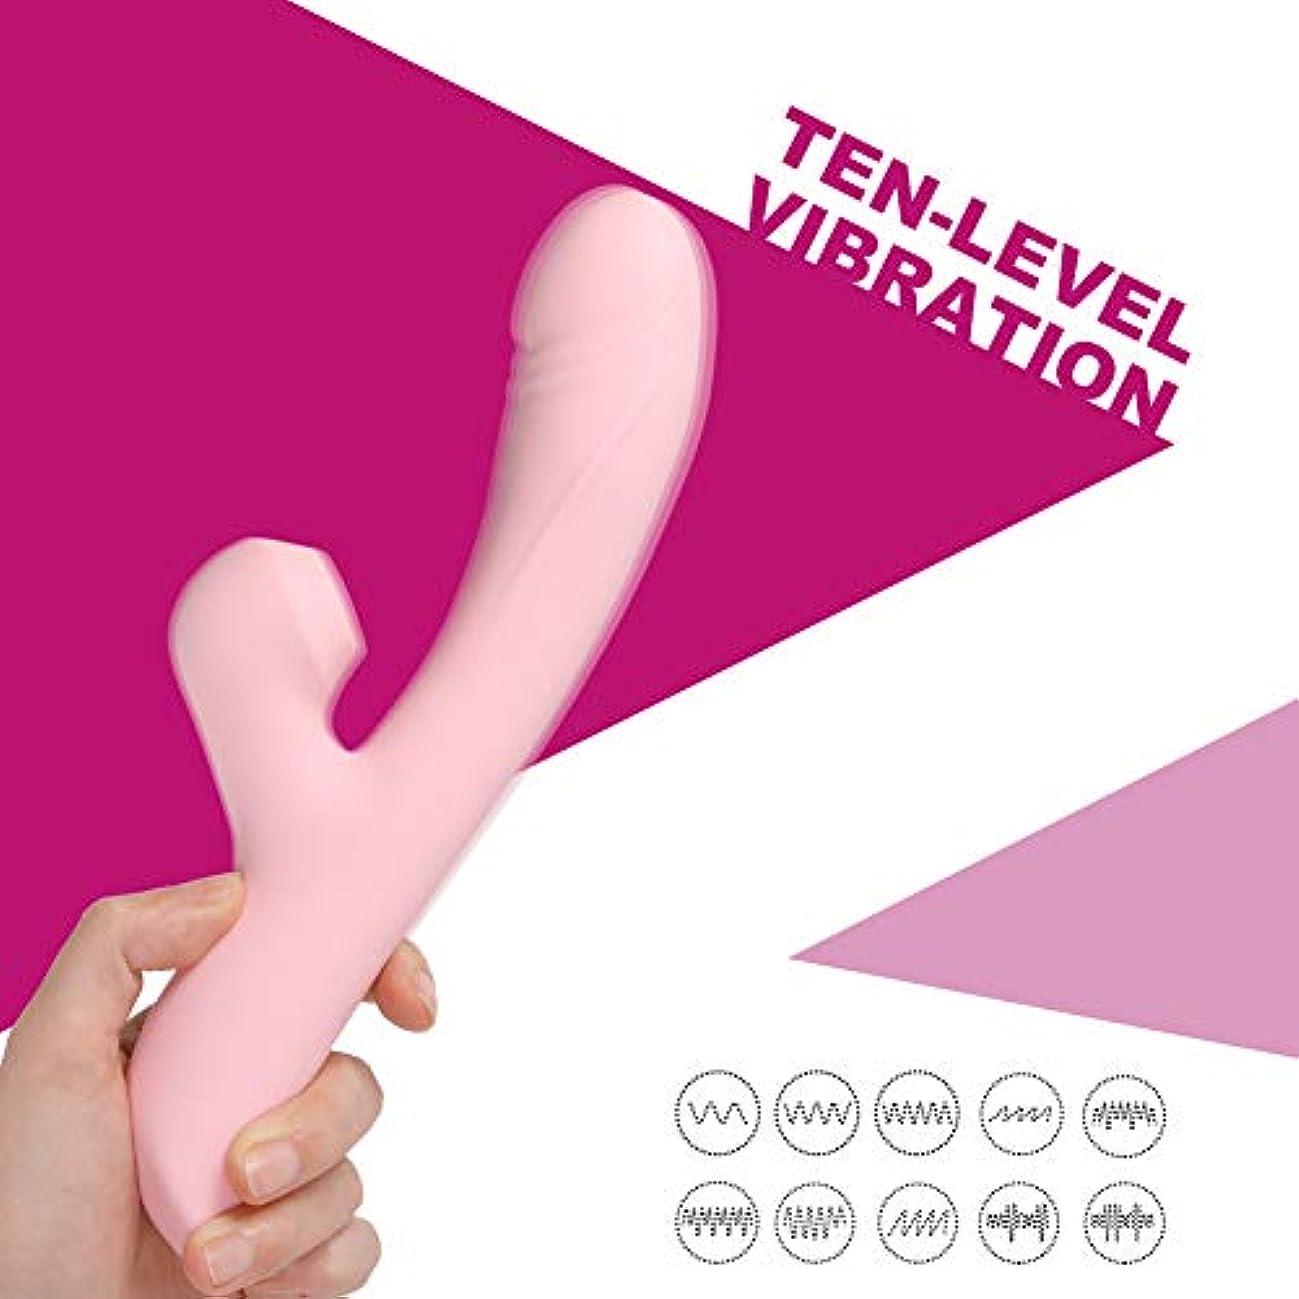 南アメリカ海里展望台おもちゃ オーガニック オイル 全身 人気 バイブレーター 加熱機能 潮吹き 女性 Gスポット 女性マッサージ器 アダルトグッズ (ピンク色)